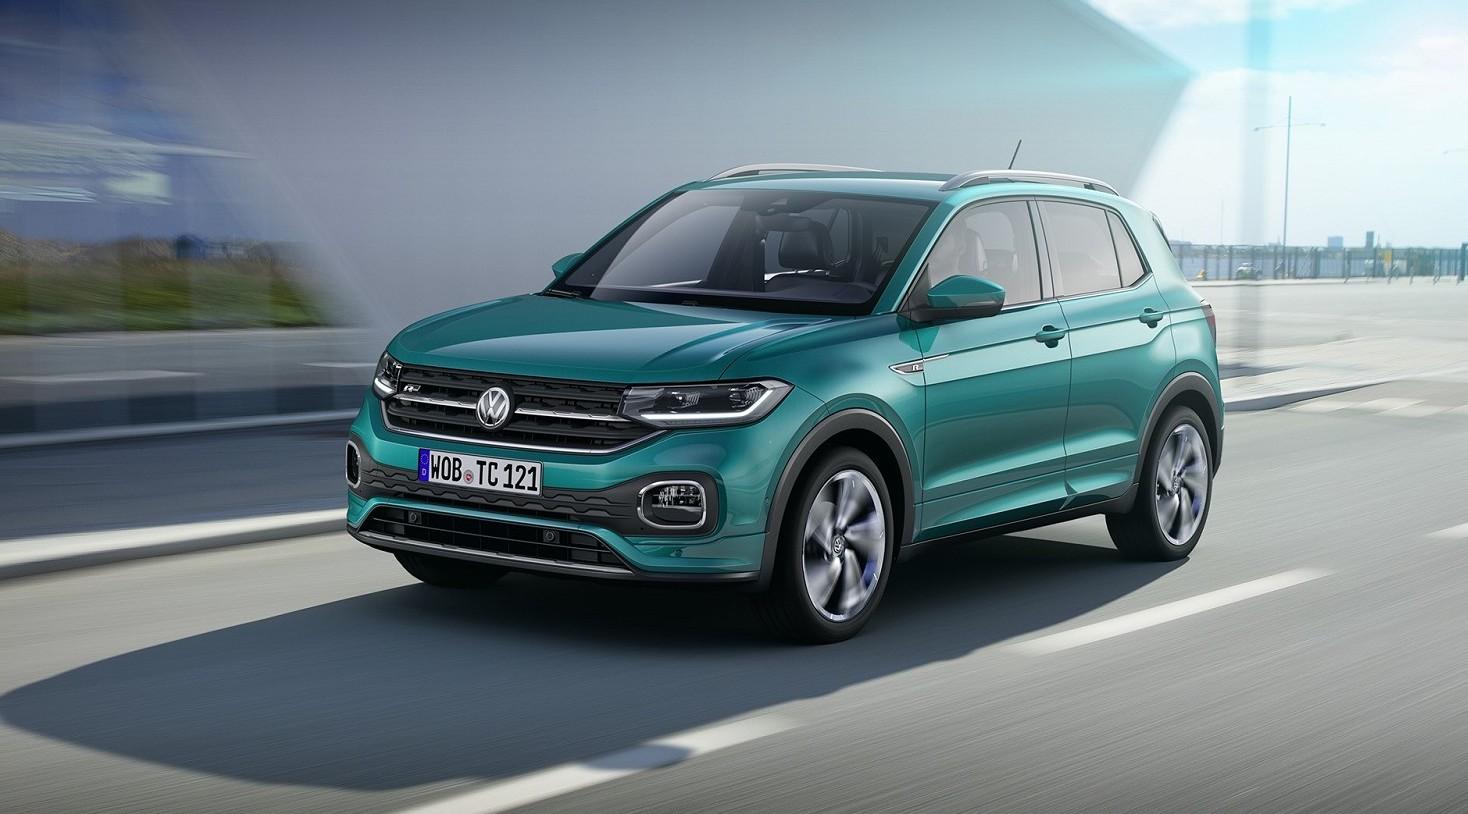 Suv nuovi Volkswagen 2019. Ecco i modelli in arrivo